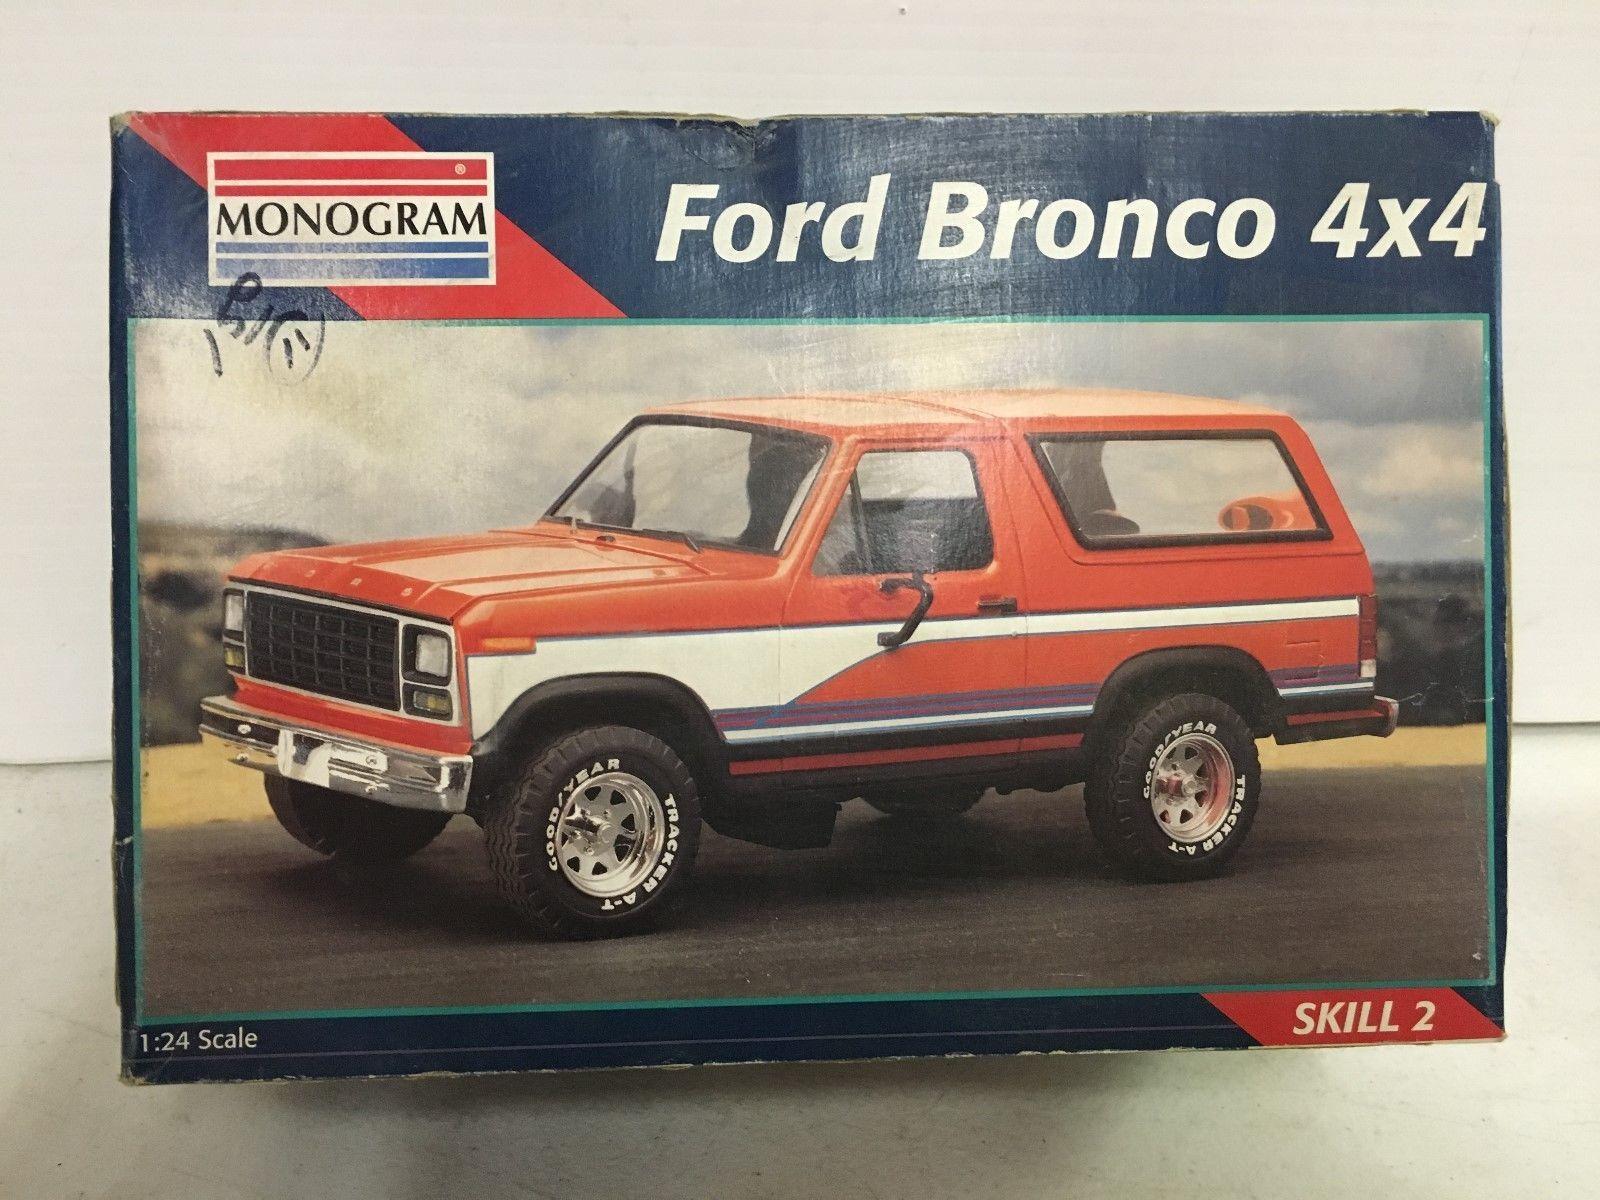 vintage monogram 1 24 car model kit ford bronco 4x4 truck nib ebay model car boxes. Black Bedroom Furniture Sets. Home Design Ideas